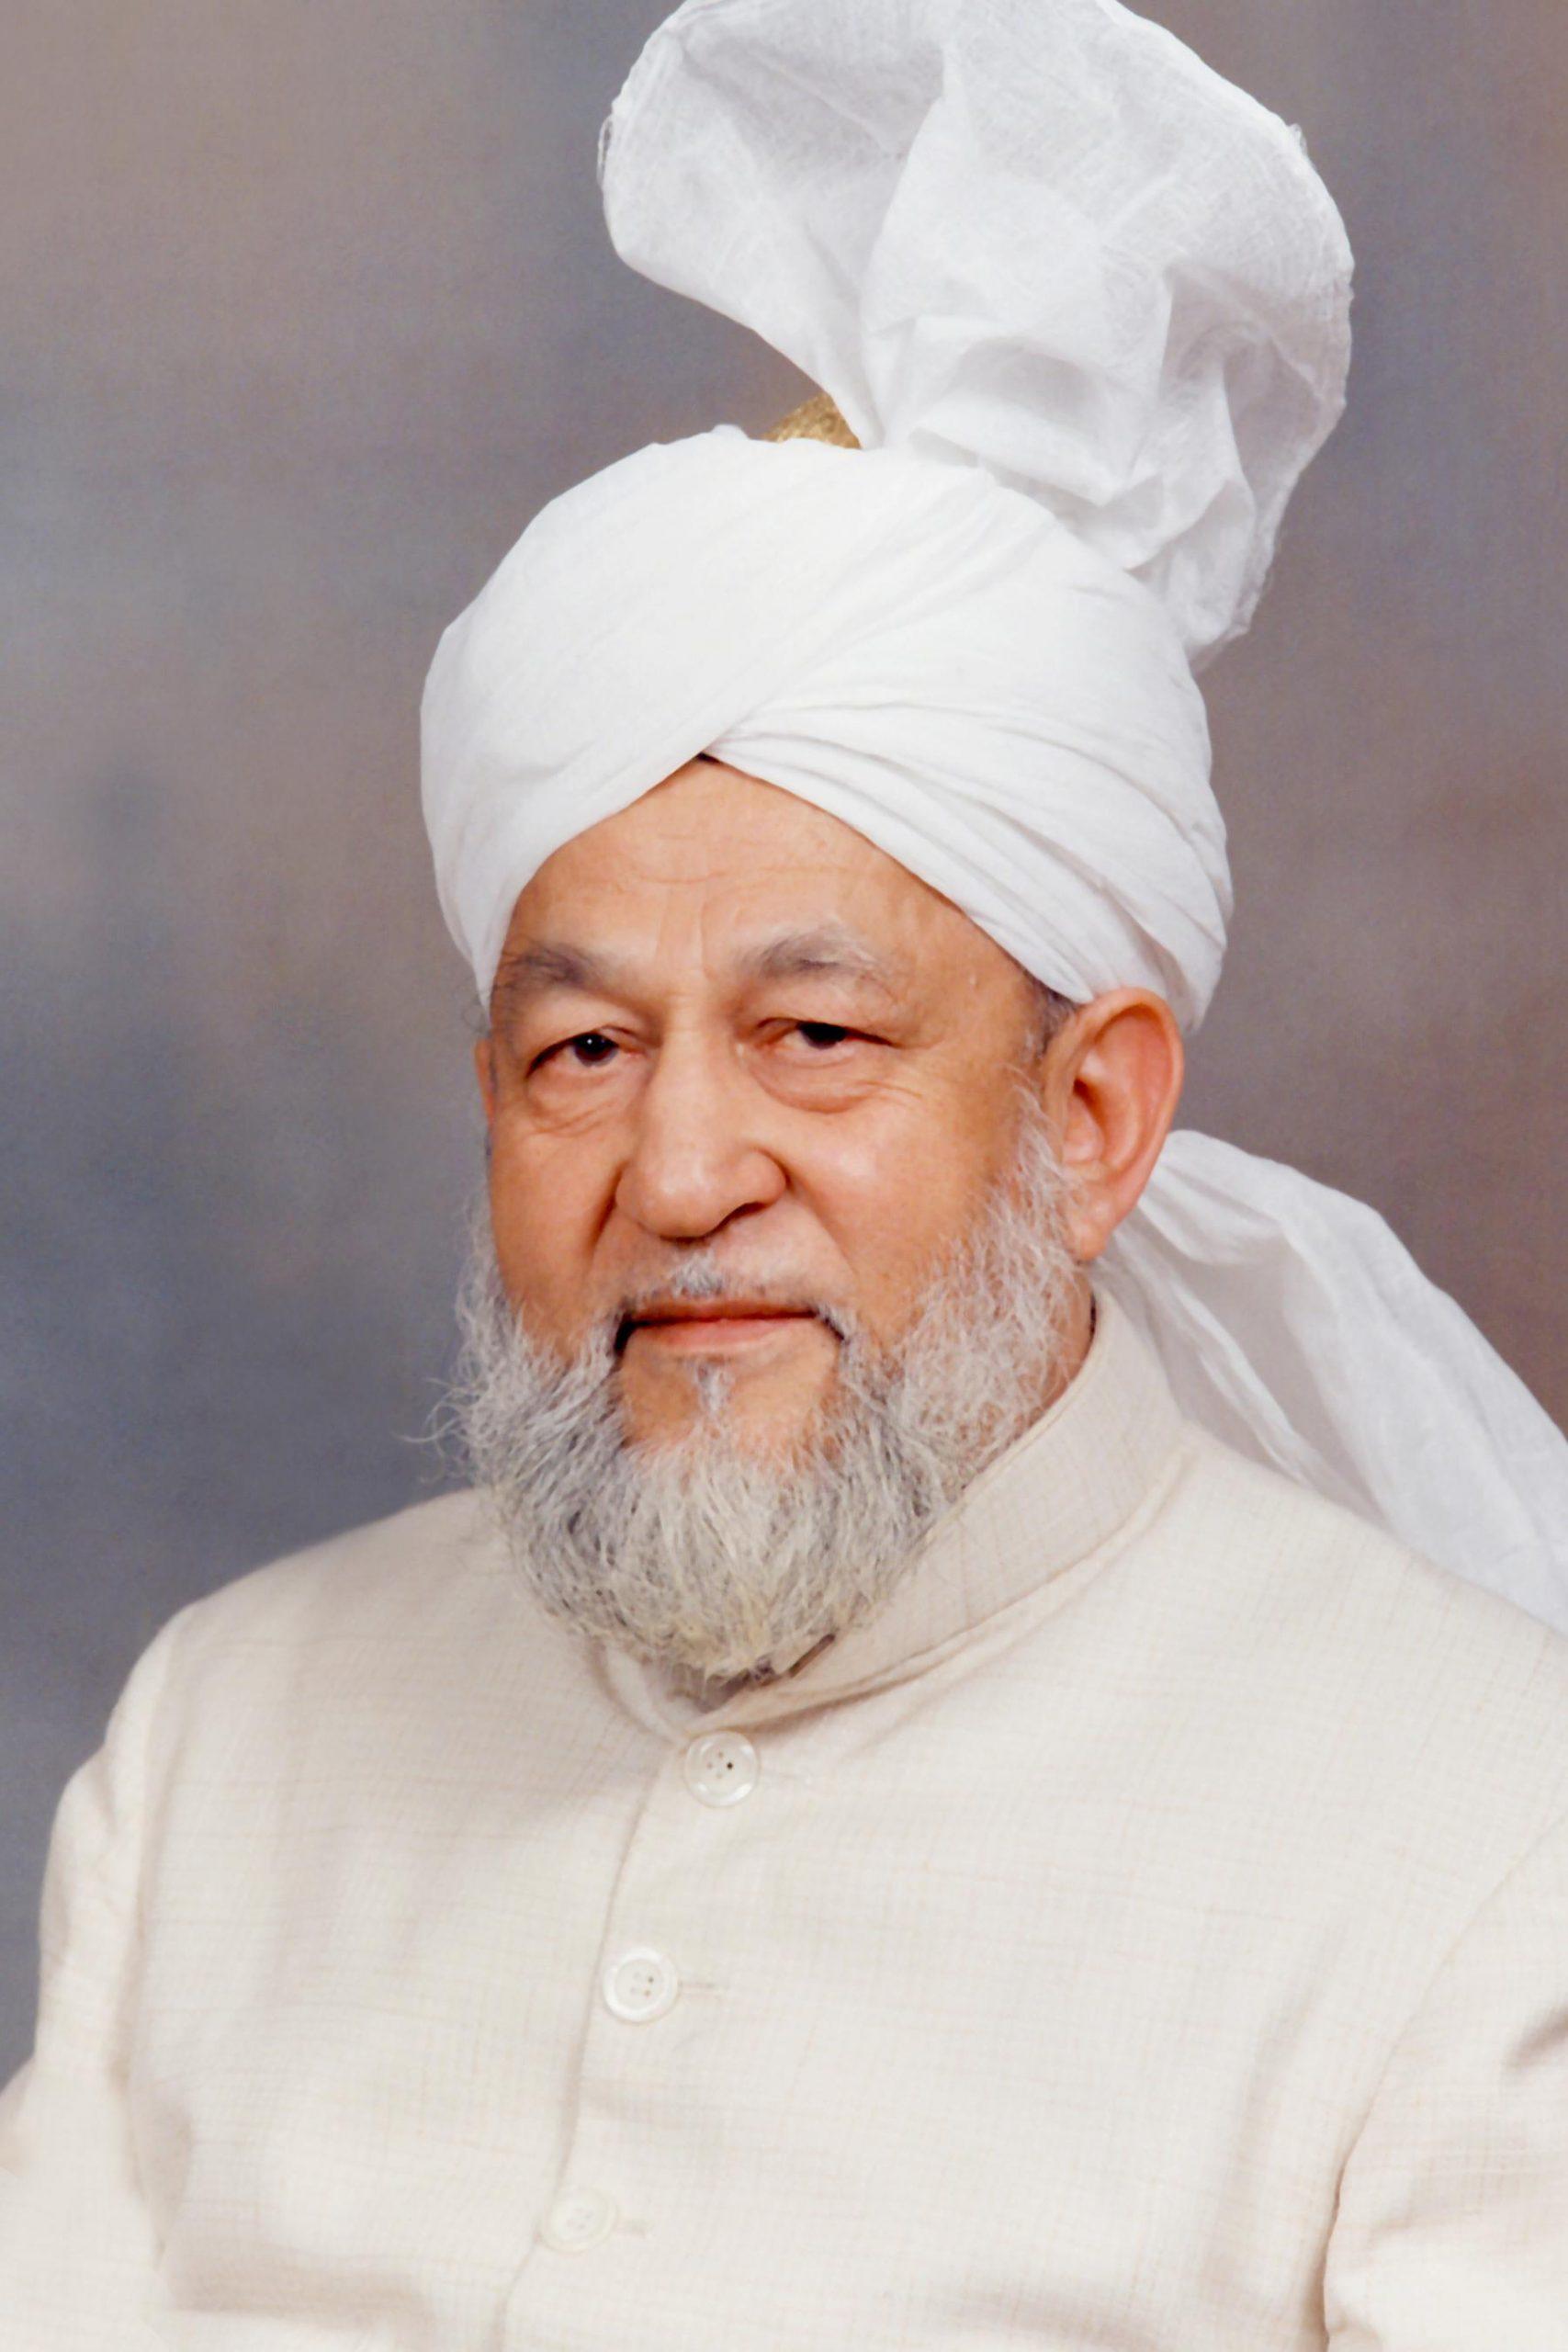 حضرت مرزا طاہر احمد صاحب رحمہ اللہ تعالیٰ